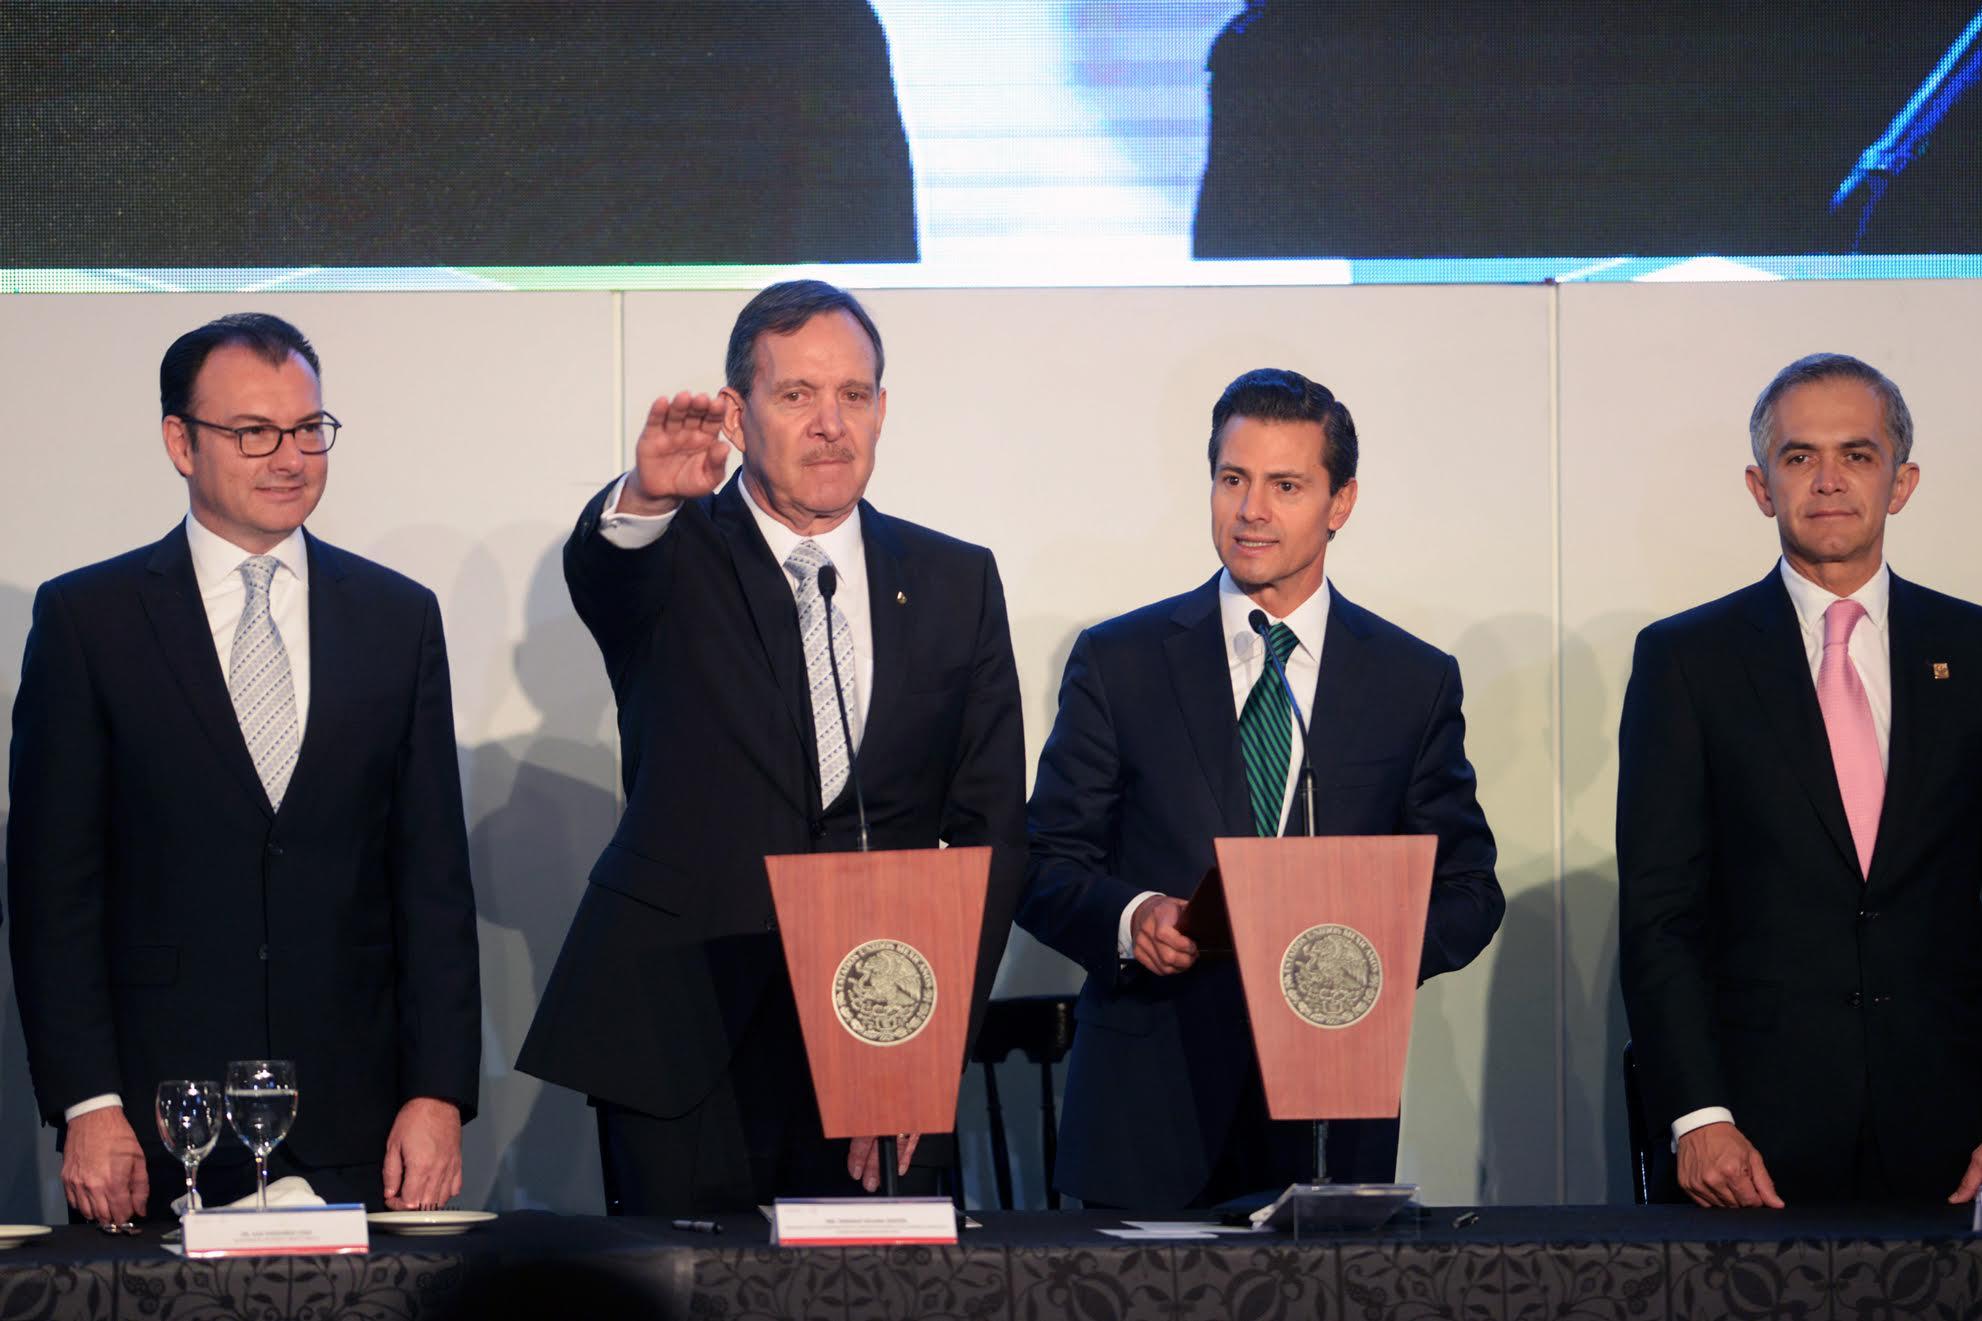 El ingeniero Enrique Solana Sentíes, toma Protesta como director del Comité Ejecutivo y del Consejo Directivo de la CONCANACO-SERVyTUR 2016-2017.